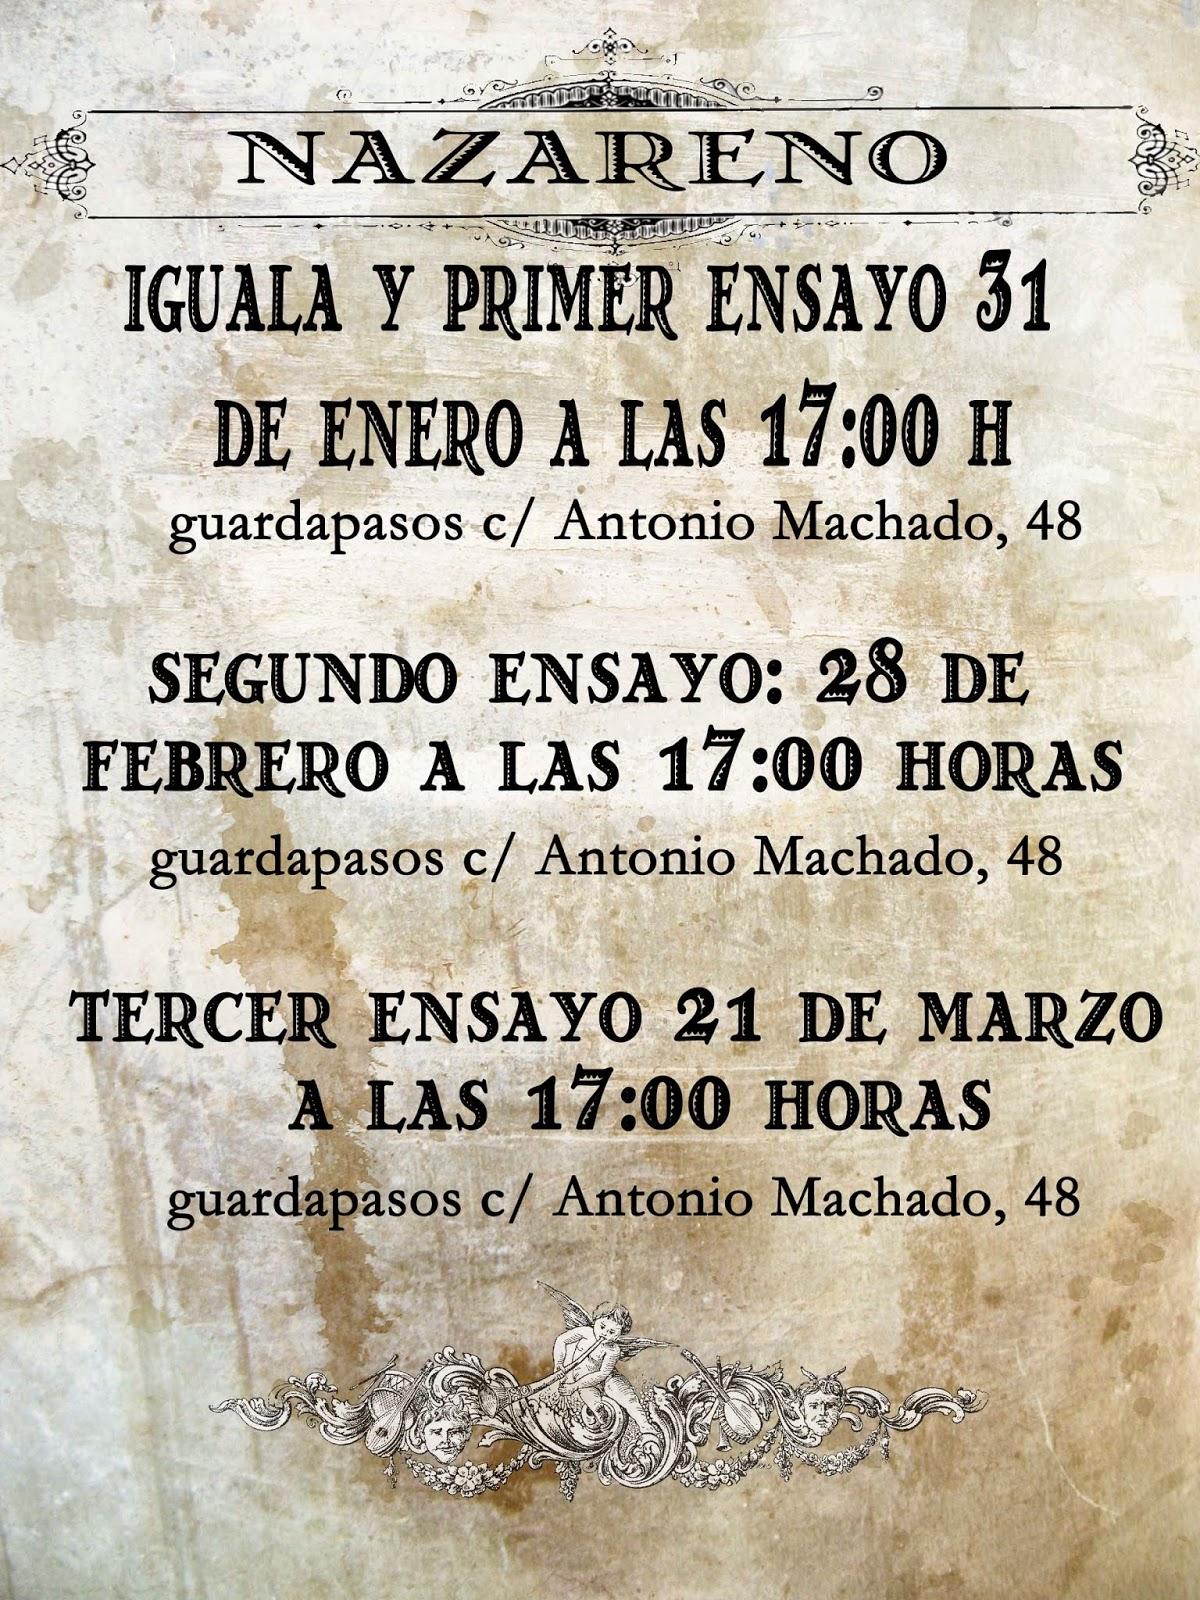 Calendario Ensayos Nazareno